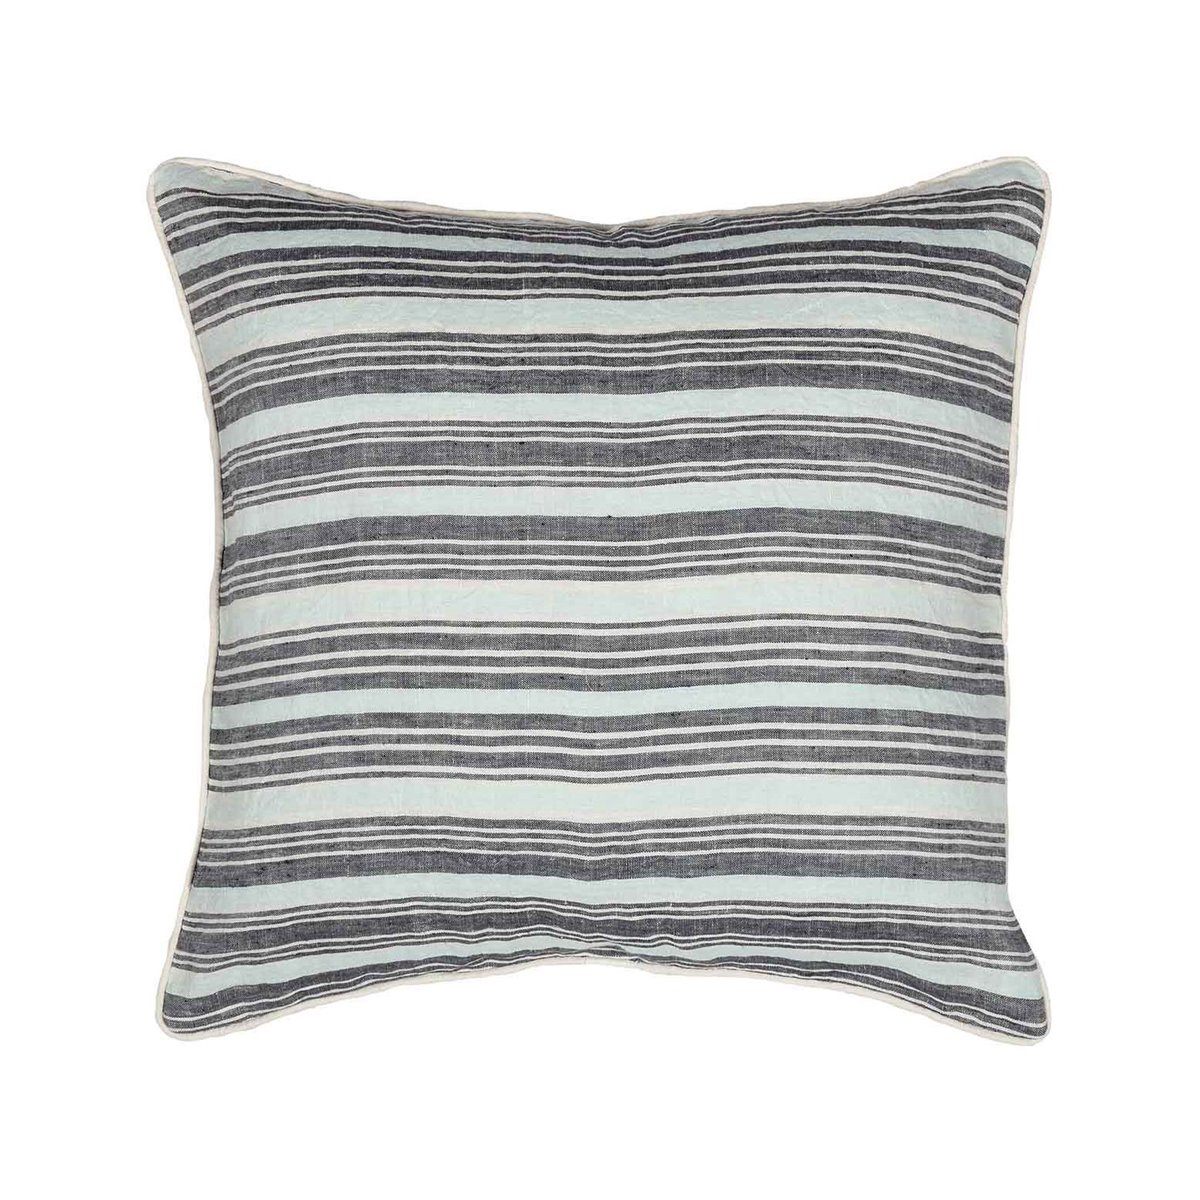 Coussin en lin/coton lavé  Anthracite 45x45 cm